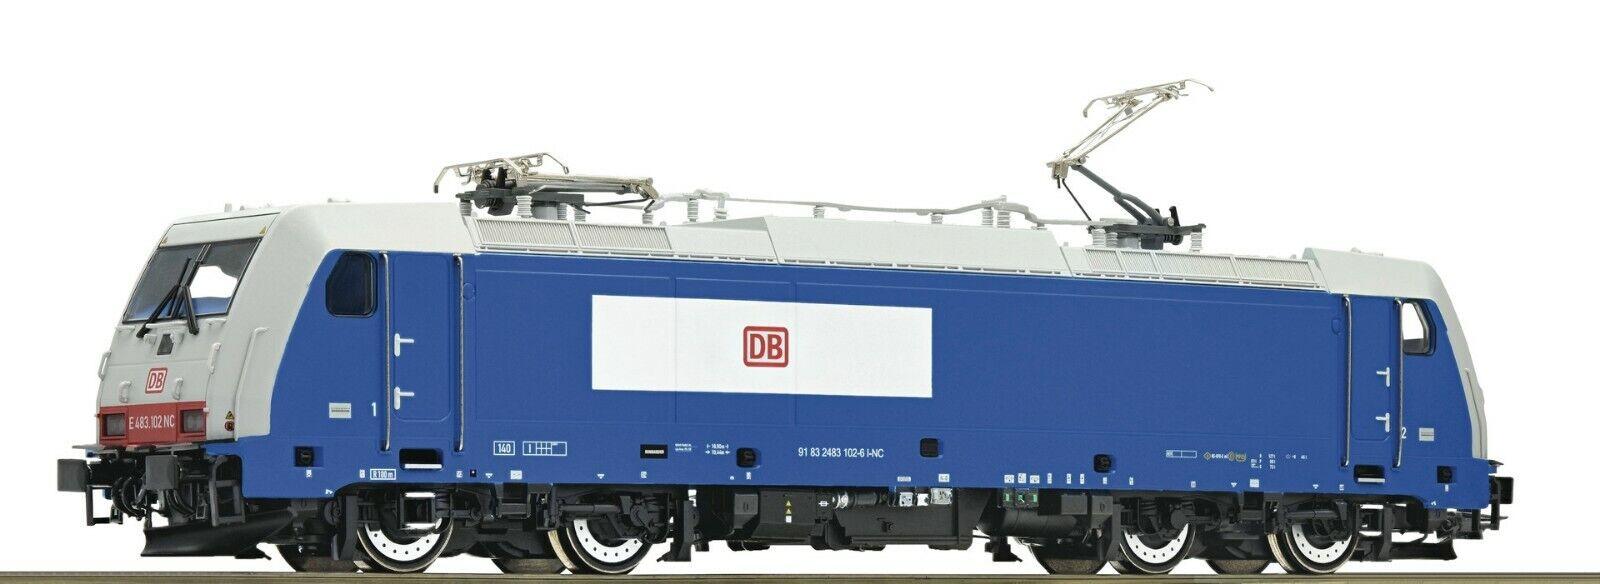 Roco HO scale Electric locomotive E.438 Dborsa Italia